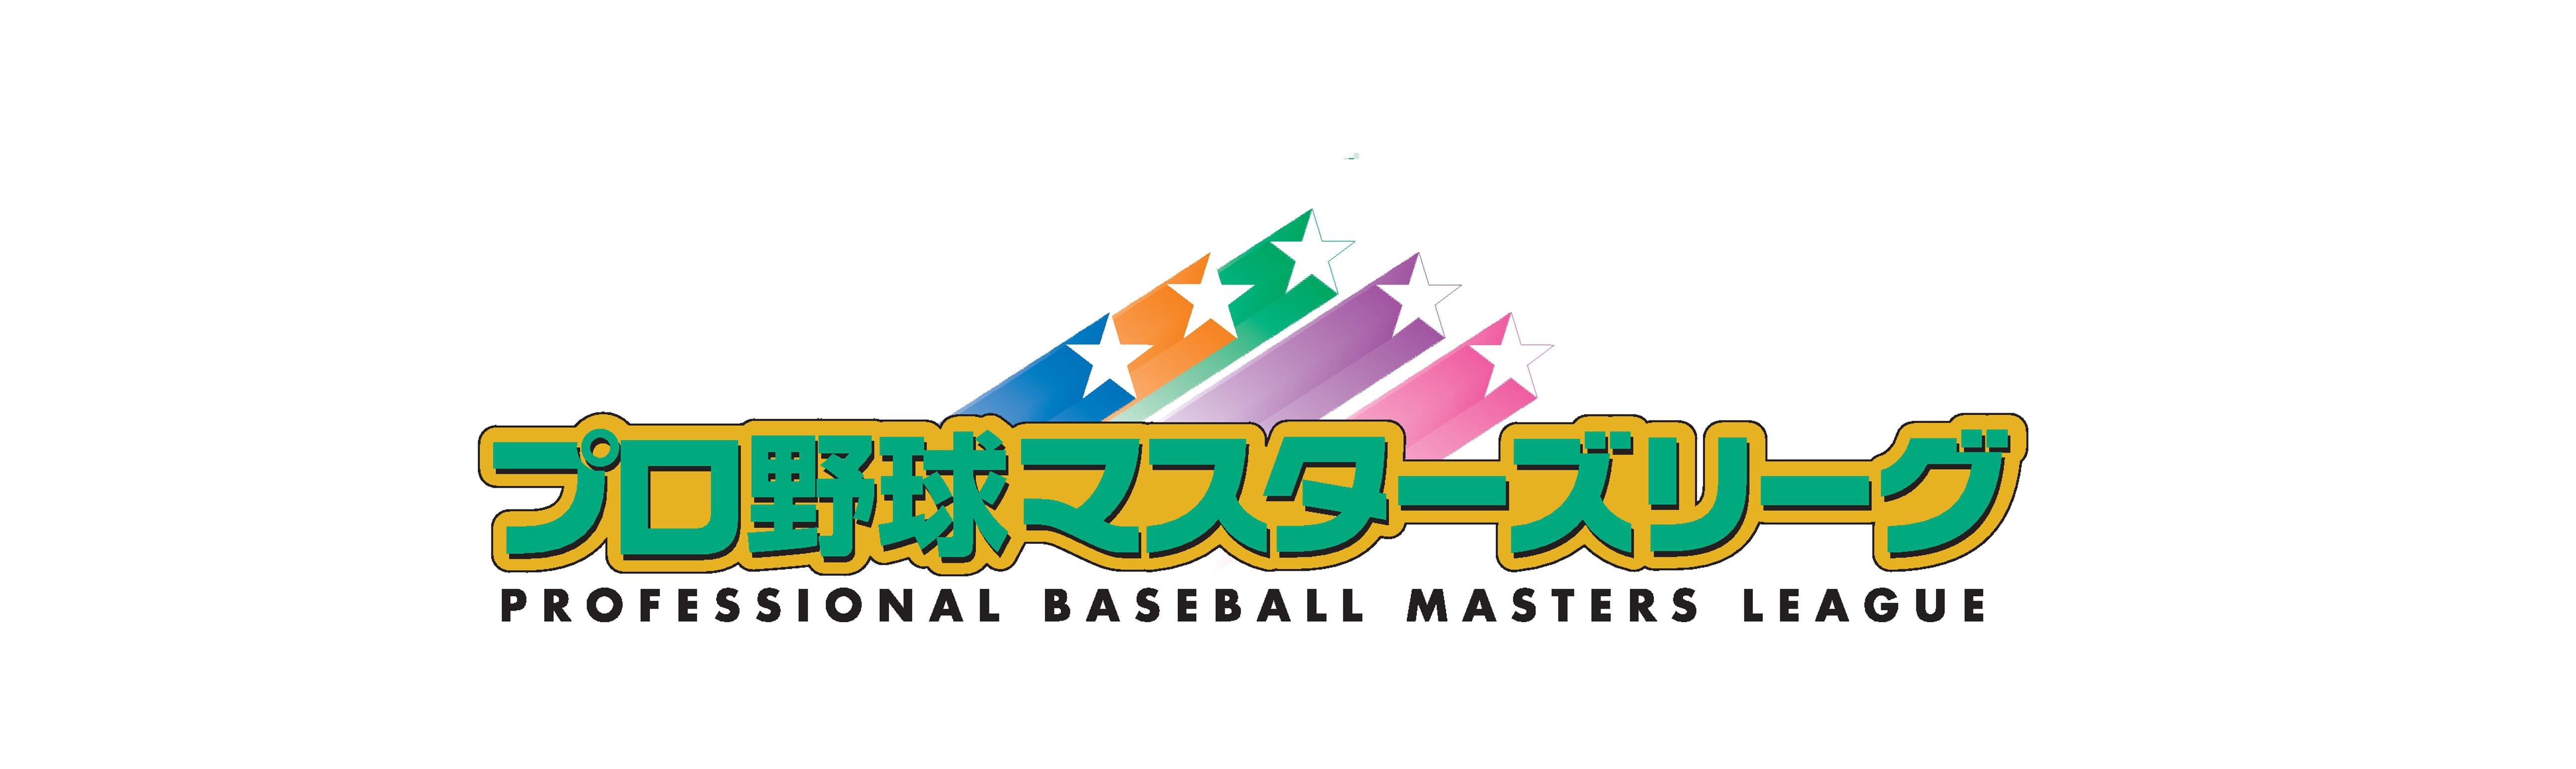 プロ野球マスターズリーグオフィシャルショップ